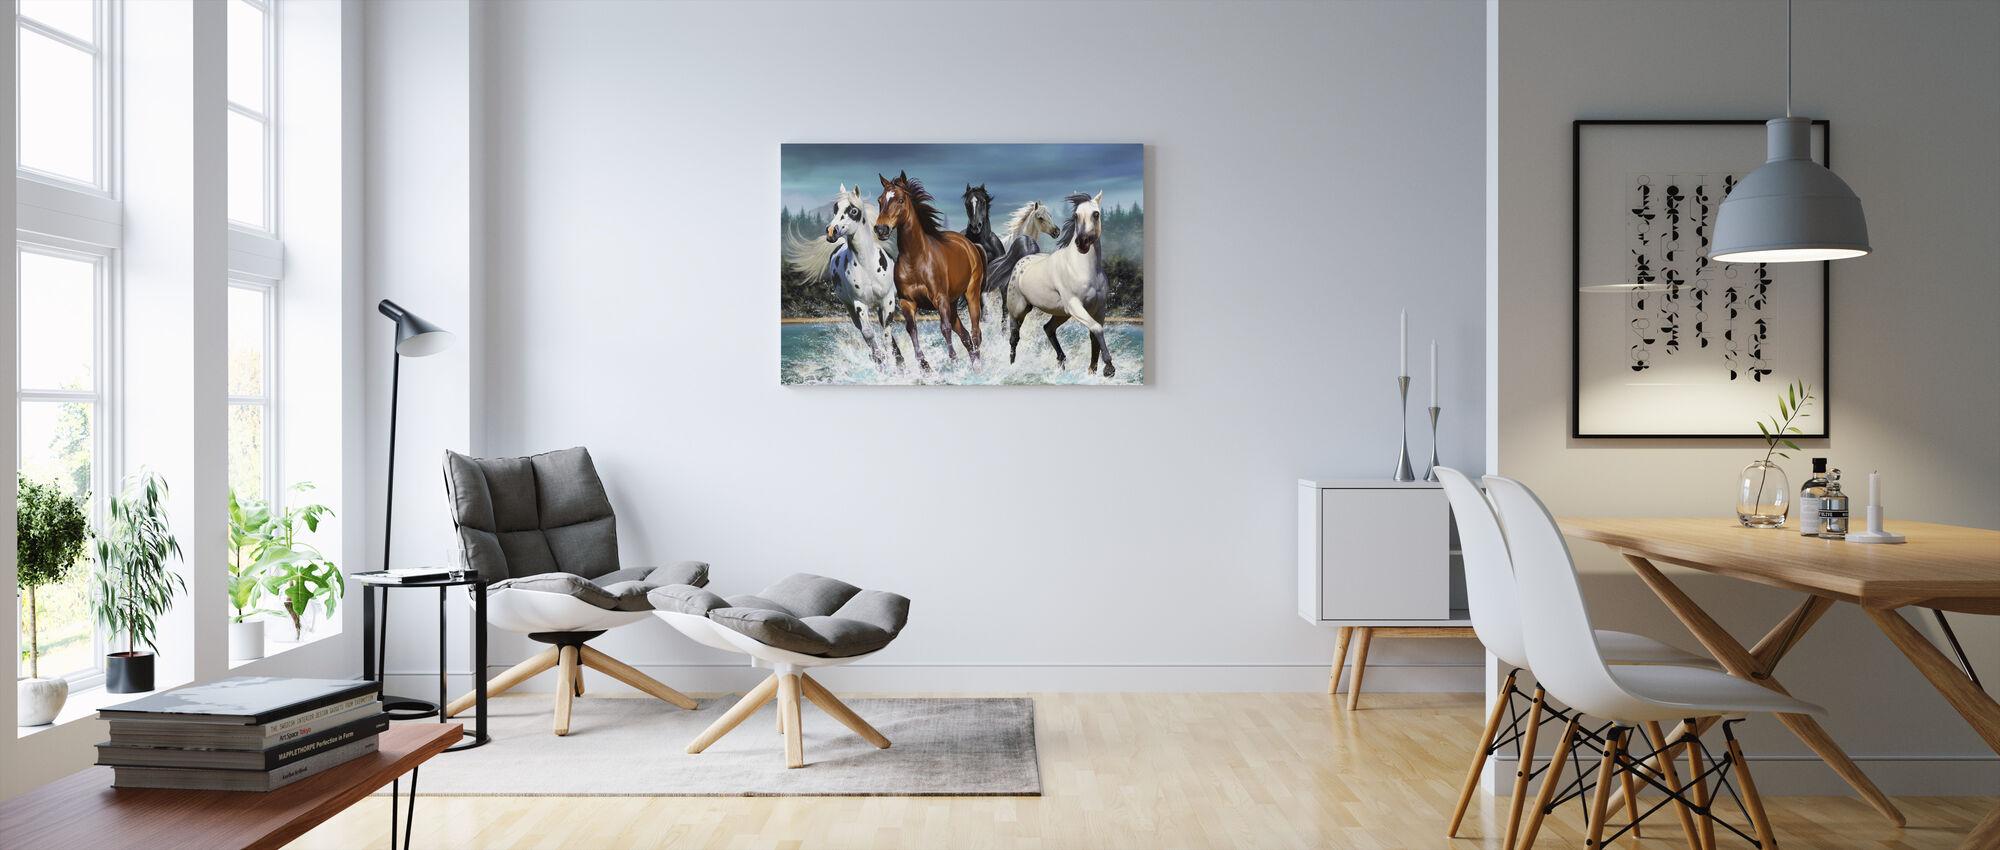 Running Paarden - Canvas print - Woonkamer